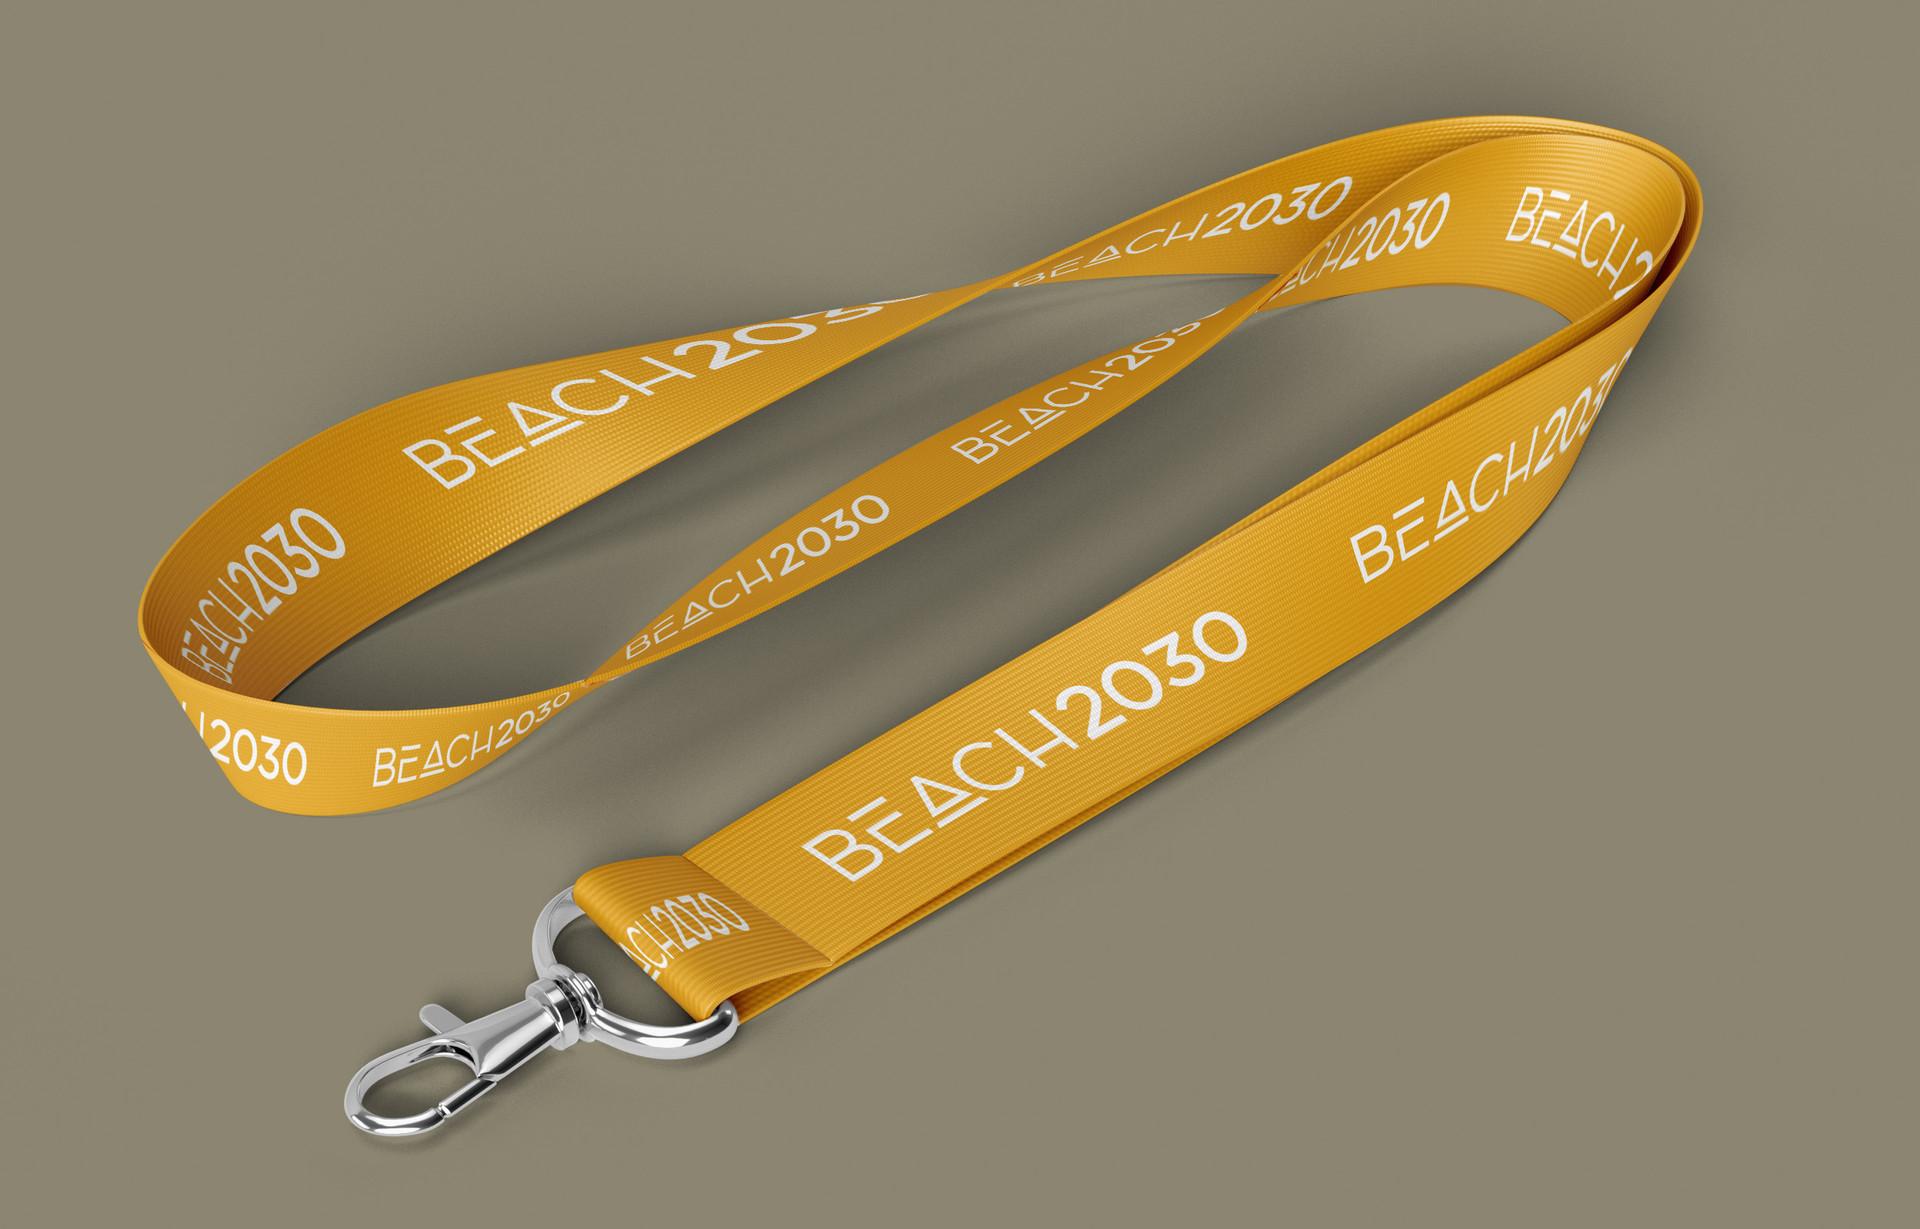 BEACH2030 Lanyard